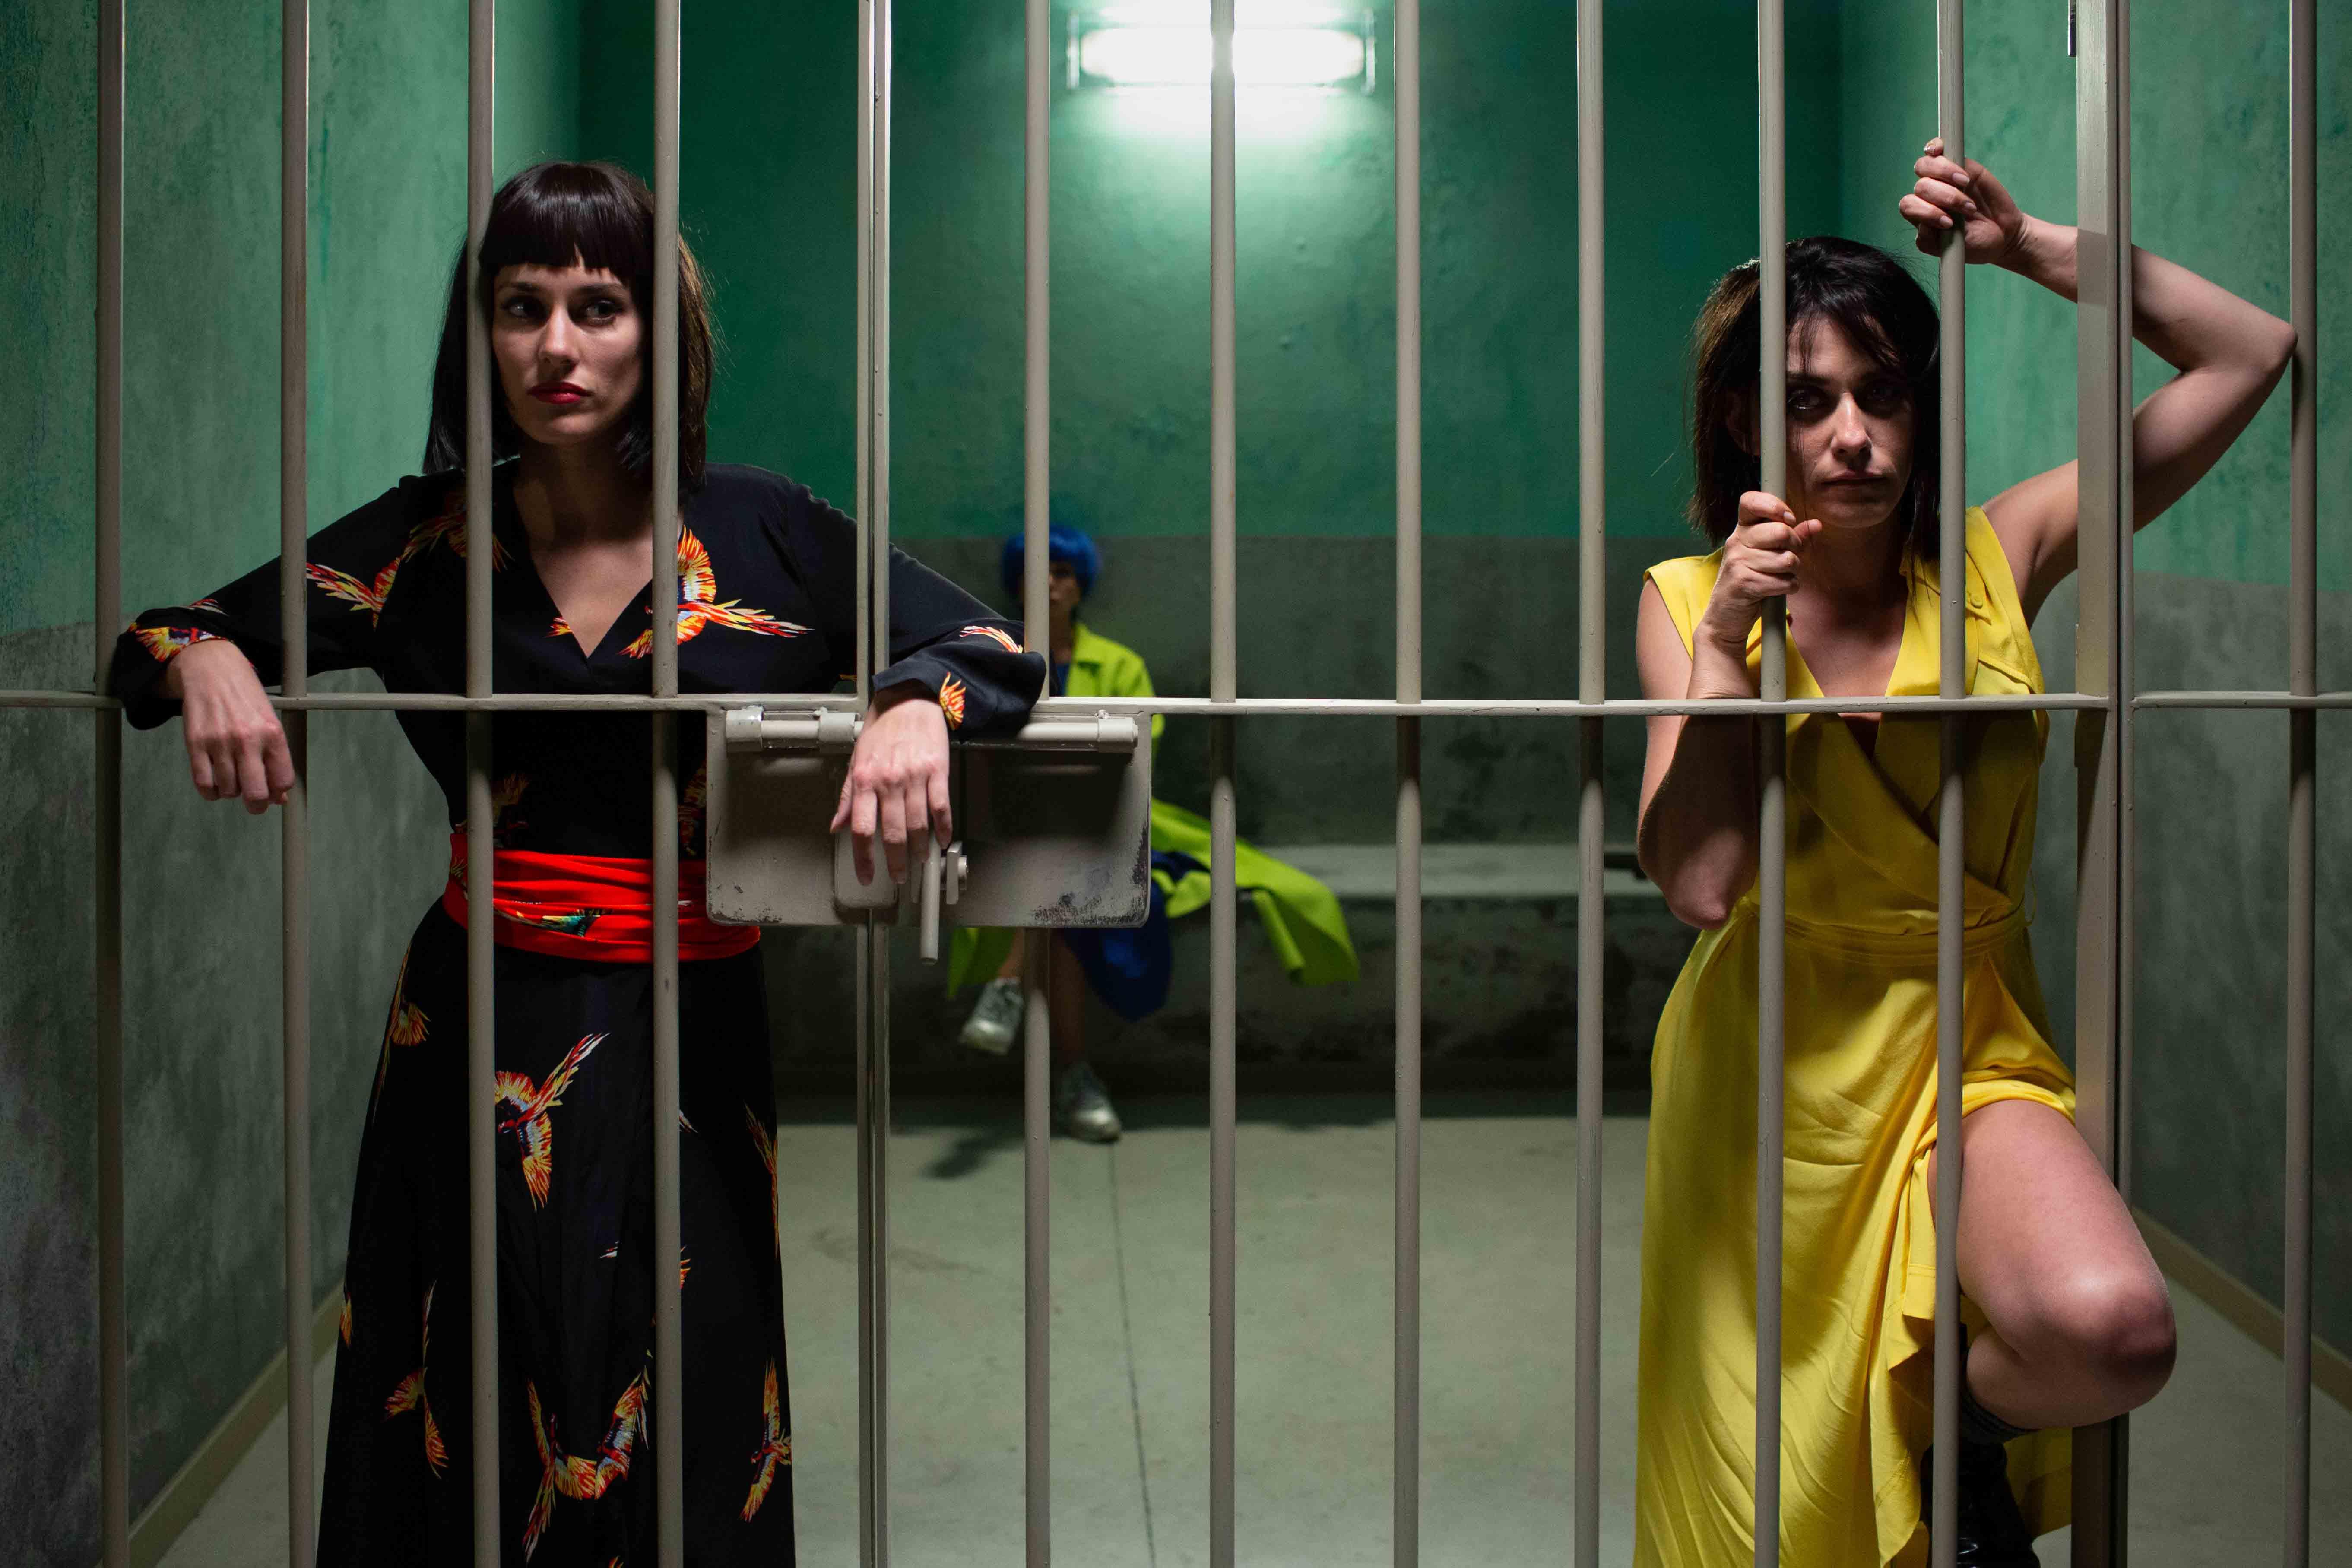 擁有魔鬼身材、天使臉蛋的希維亞(左)演出過多部西班牙影集,此次繼【我的家人歐買尬】後第二度與導演阿瓦洛合作